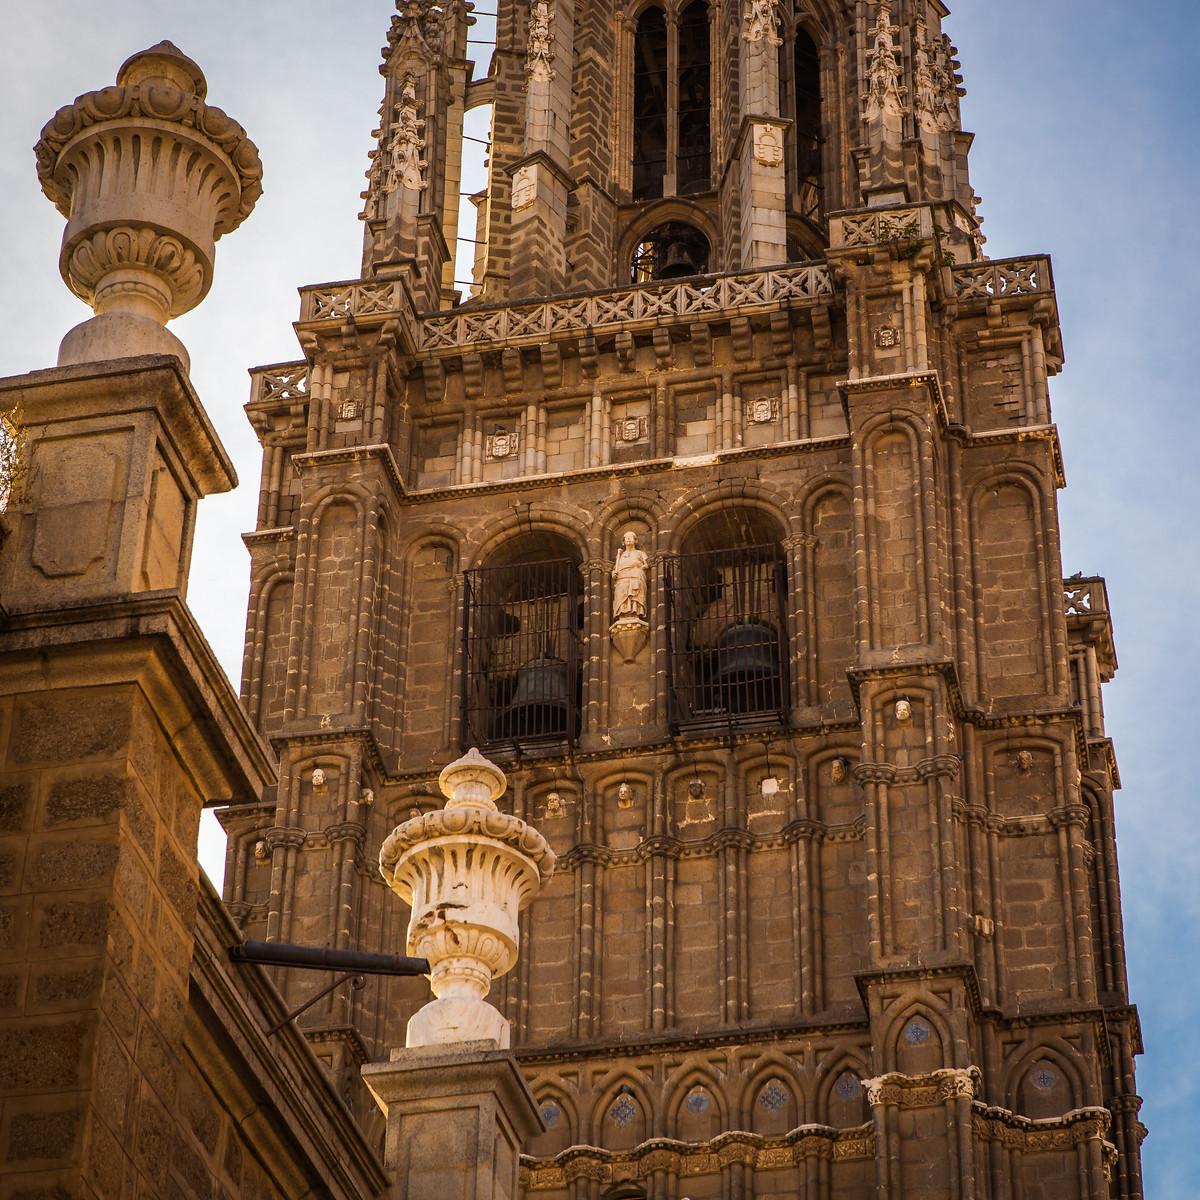 西班牙小鎮的古建築,走近看一看_圖1-5